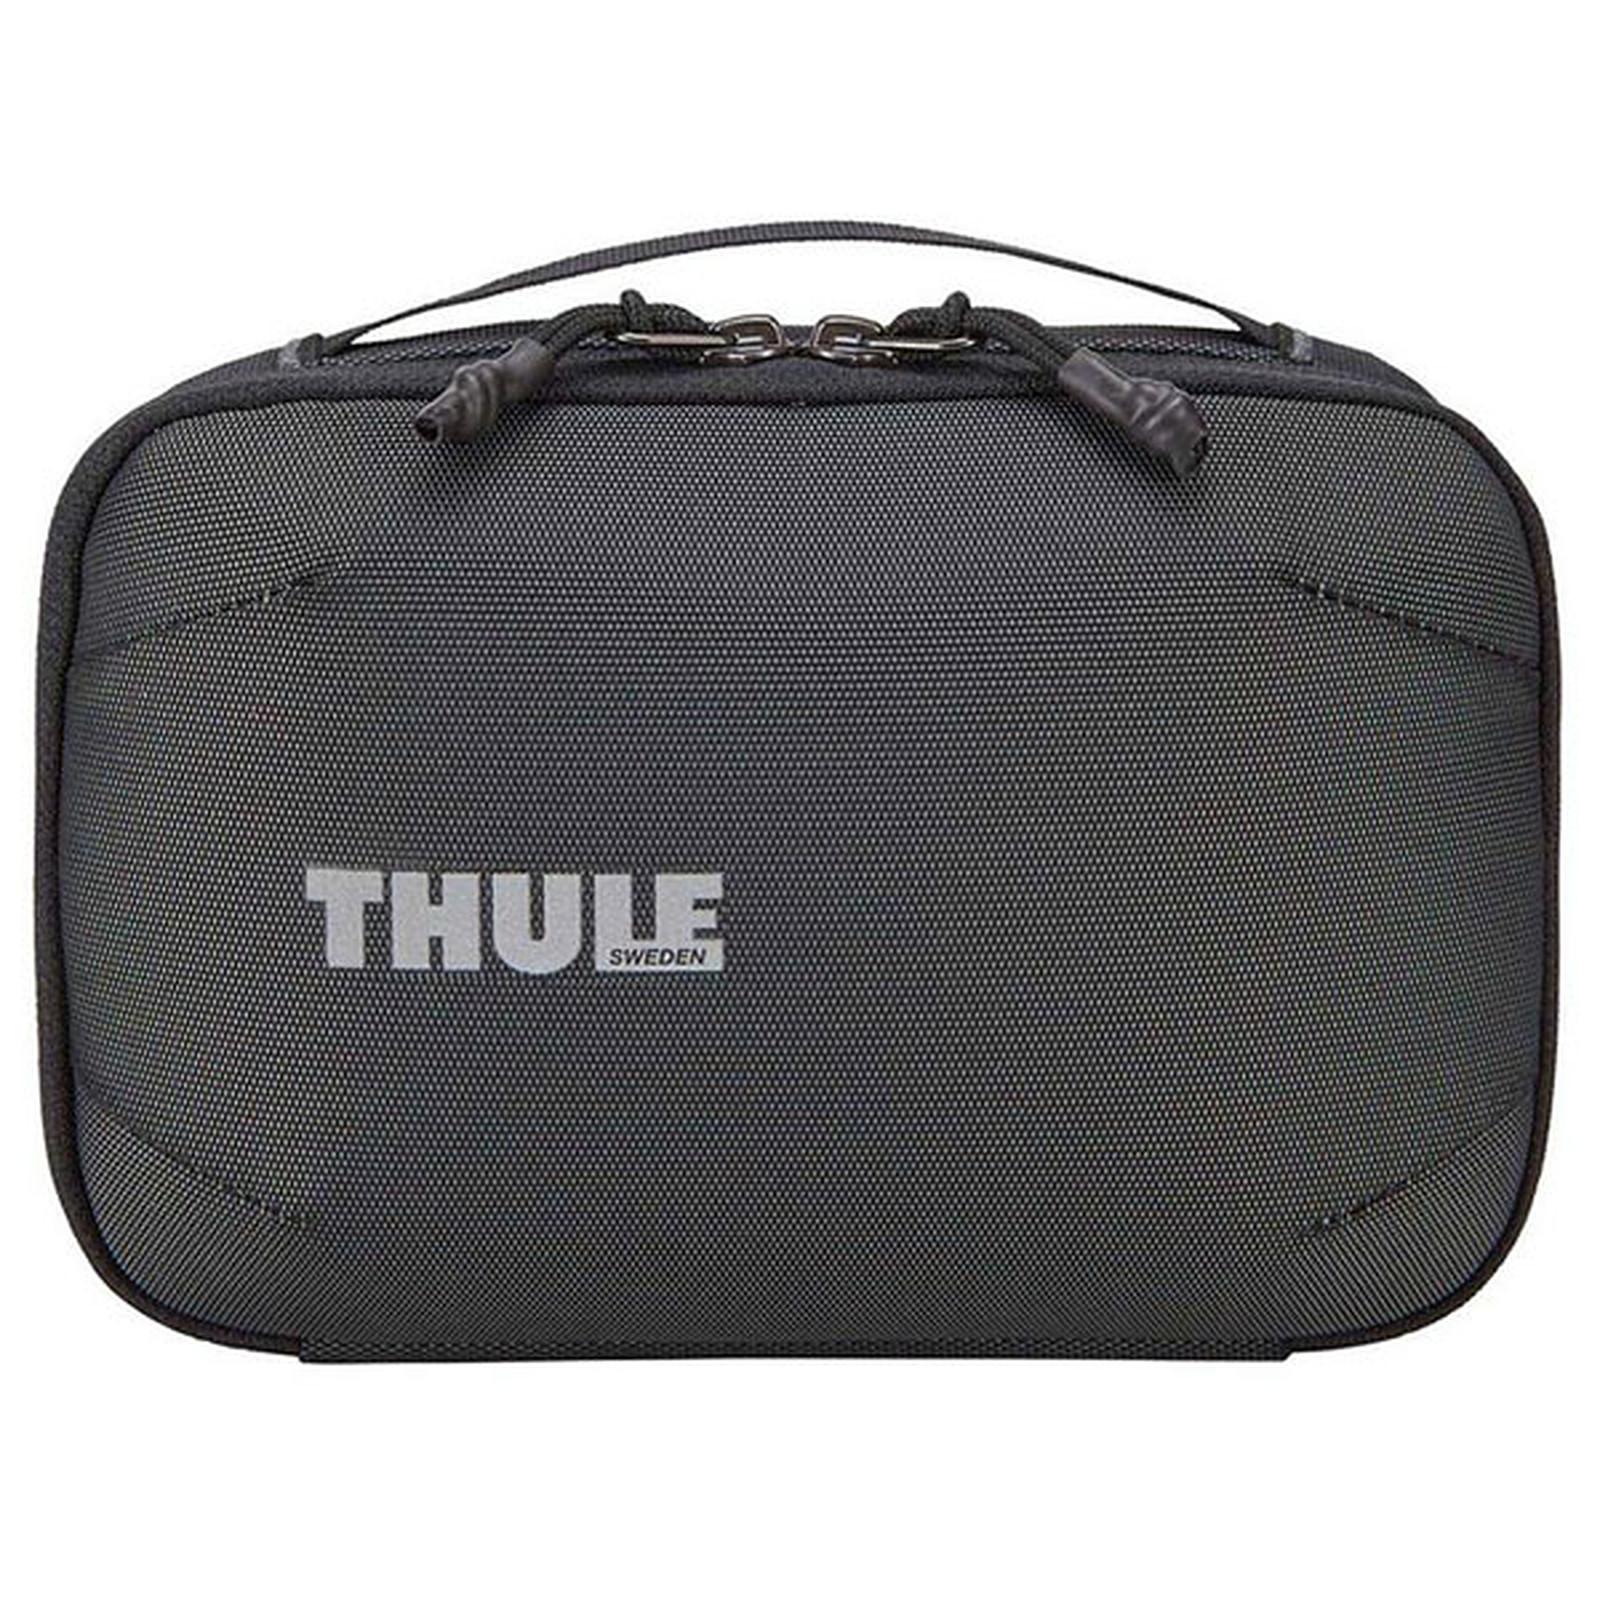 Accessoires Pc Portable Jabra Sur Ldlc Com: Thule Subterra Powershuttle